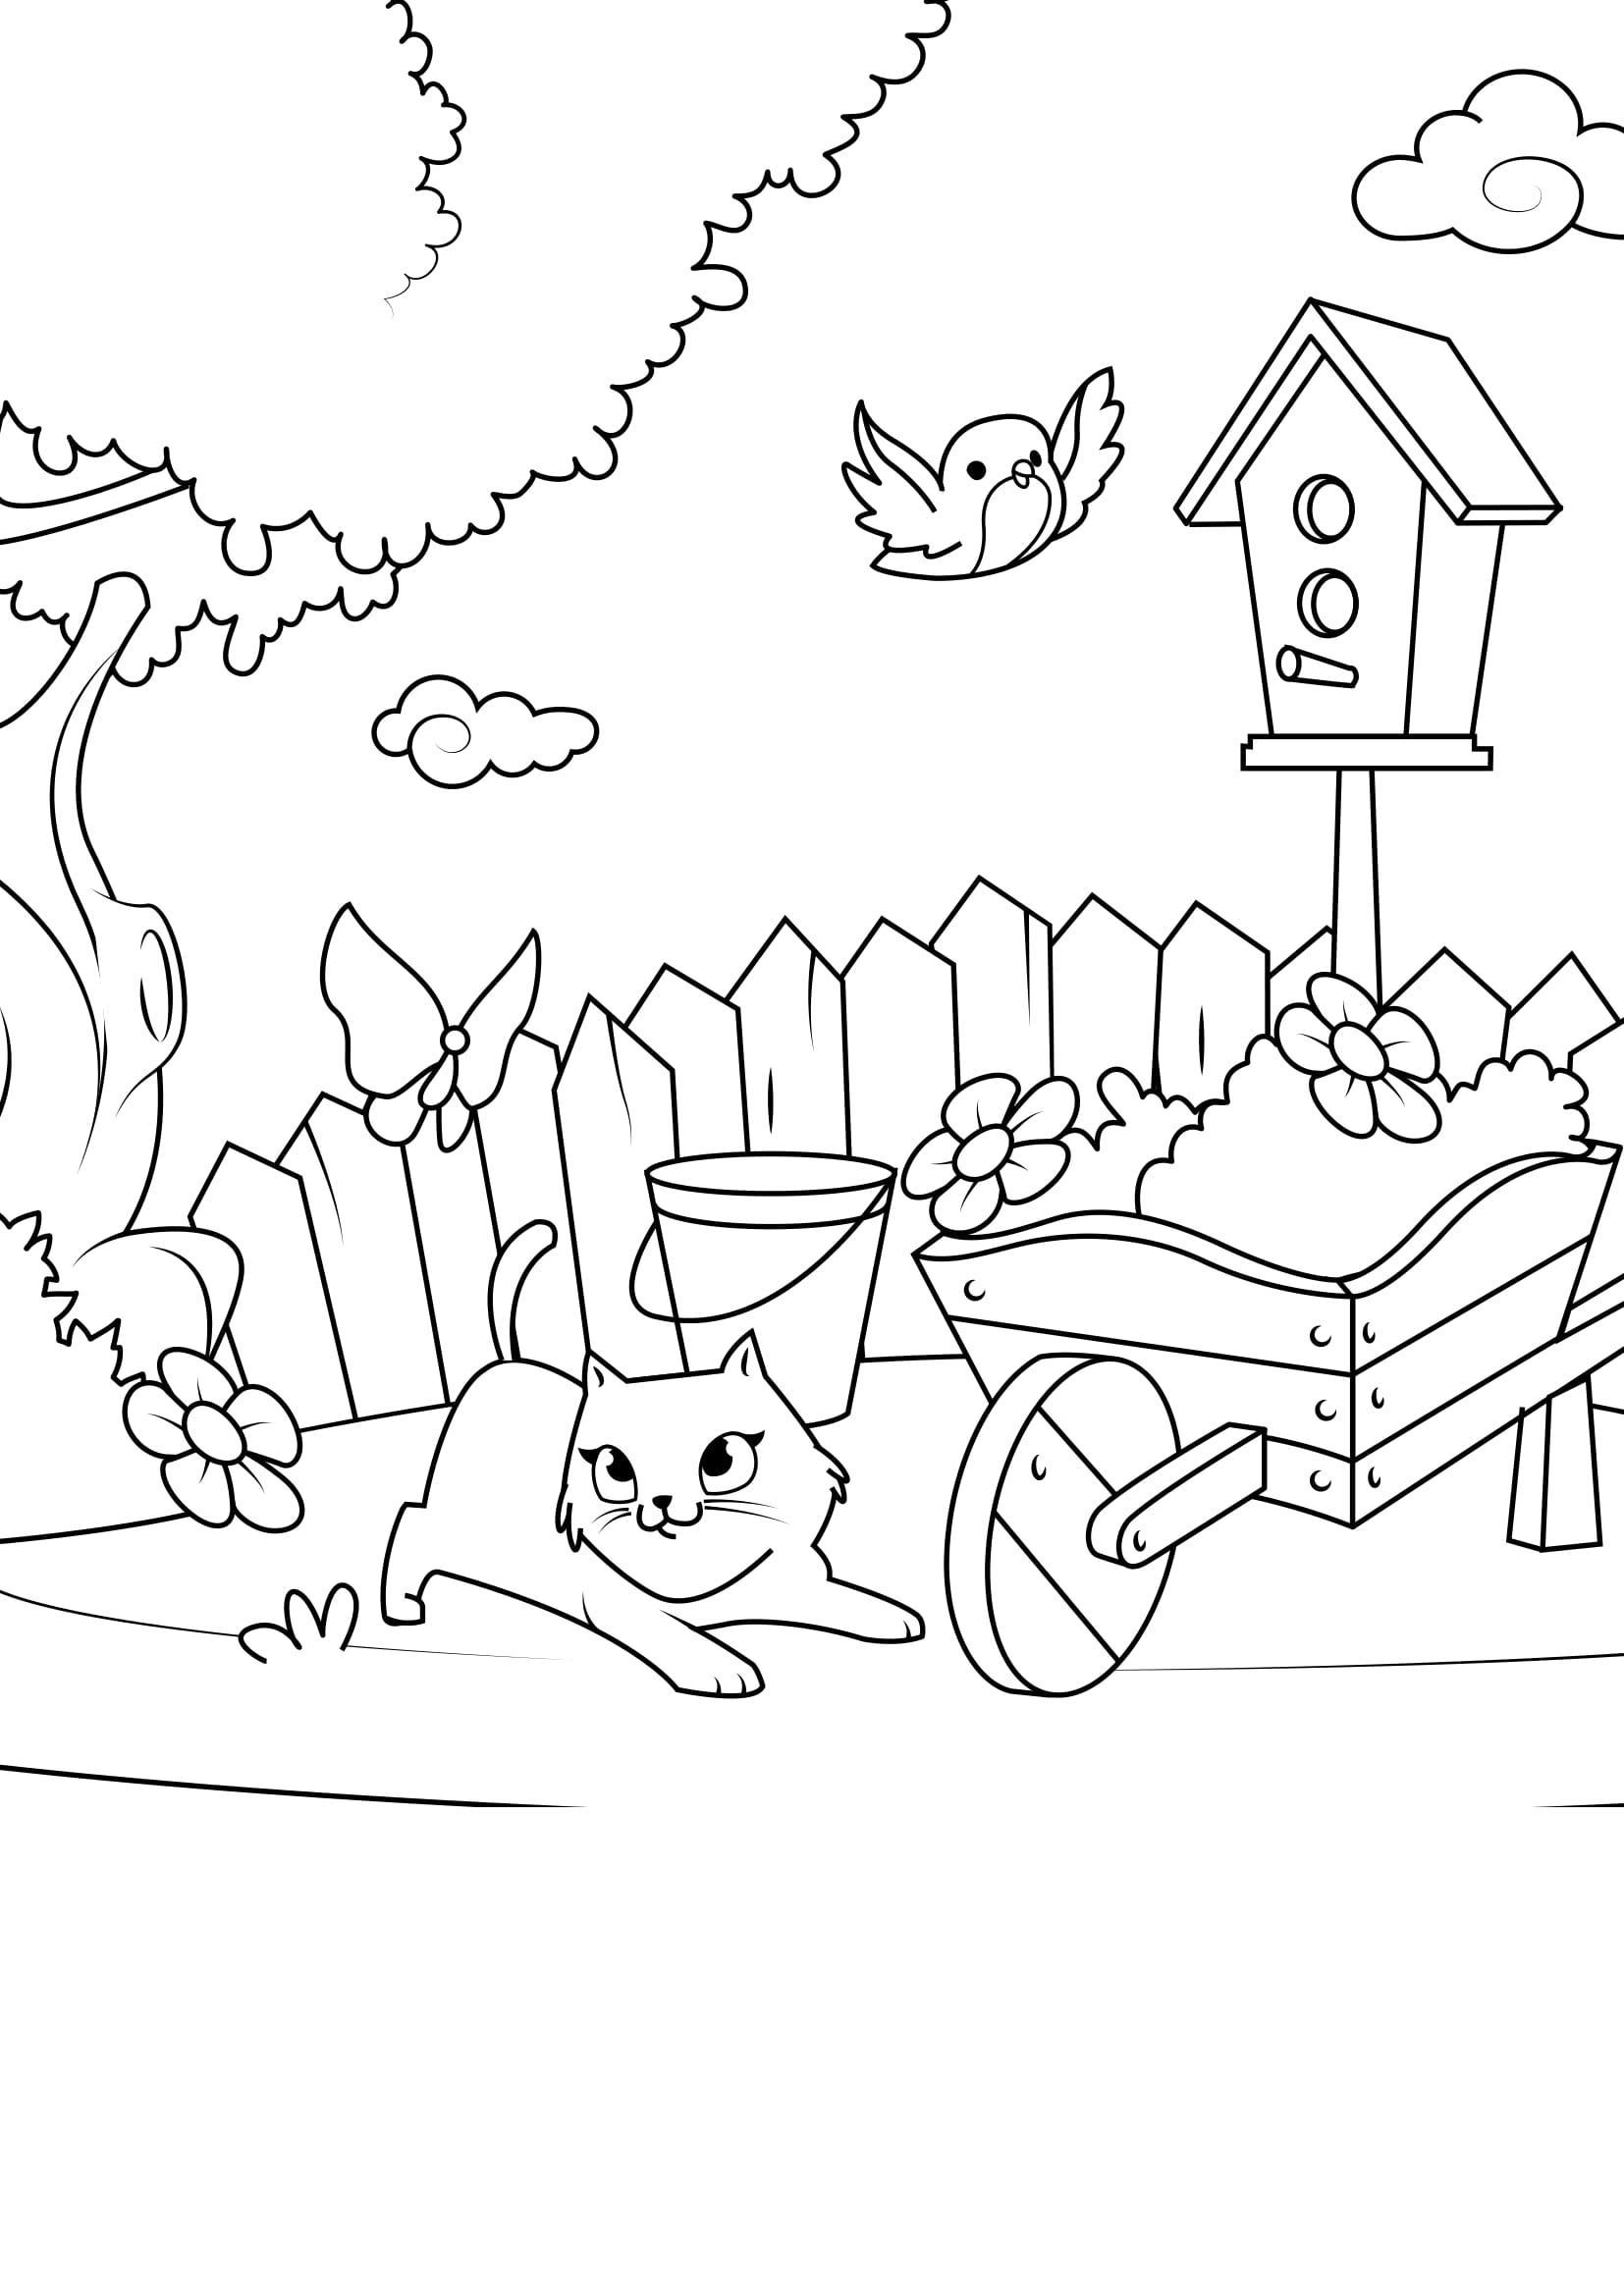 Disegno da colorare primavera in giardino - Disegni Da ...